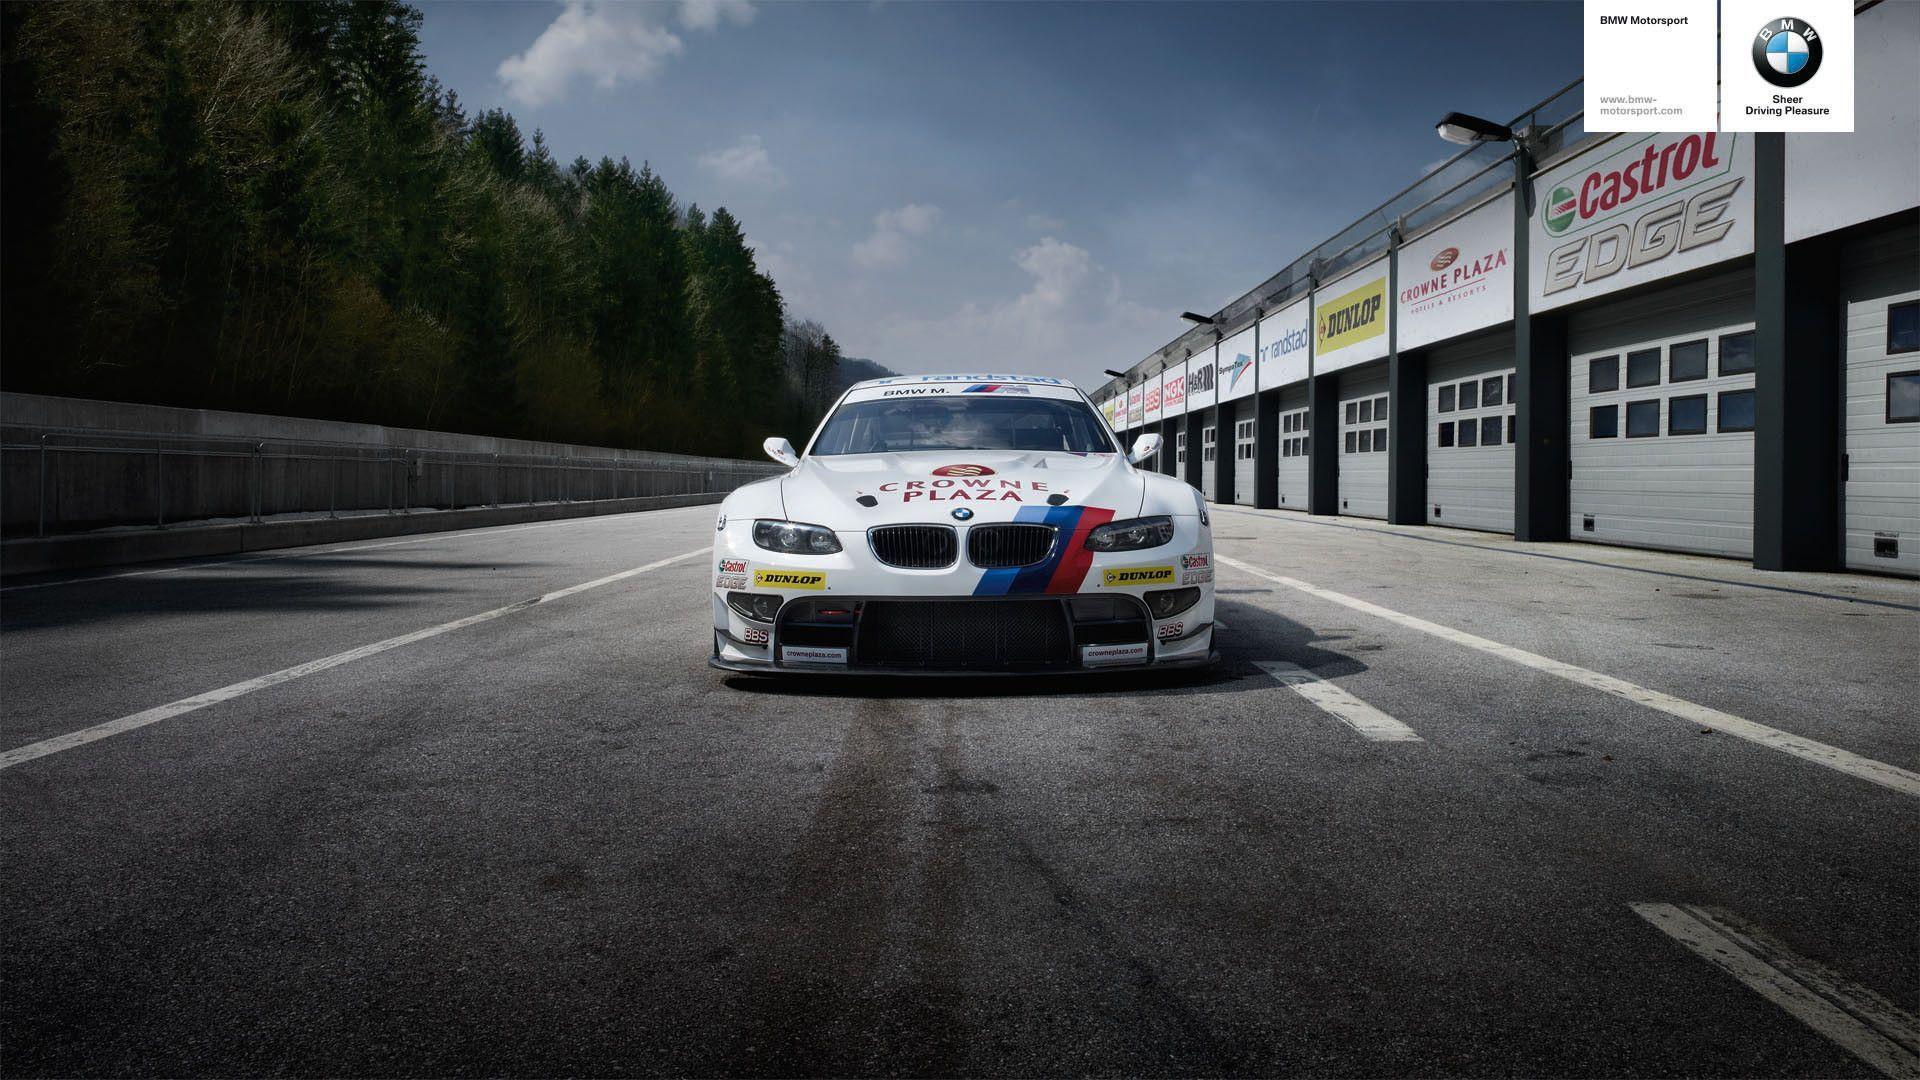 BMW M3 wallpaper | BMW M3 wallpaper - Part 5